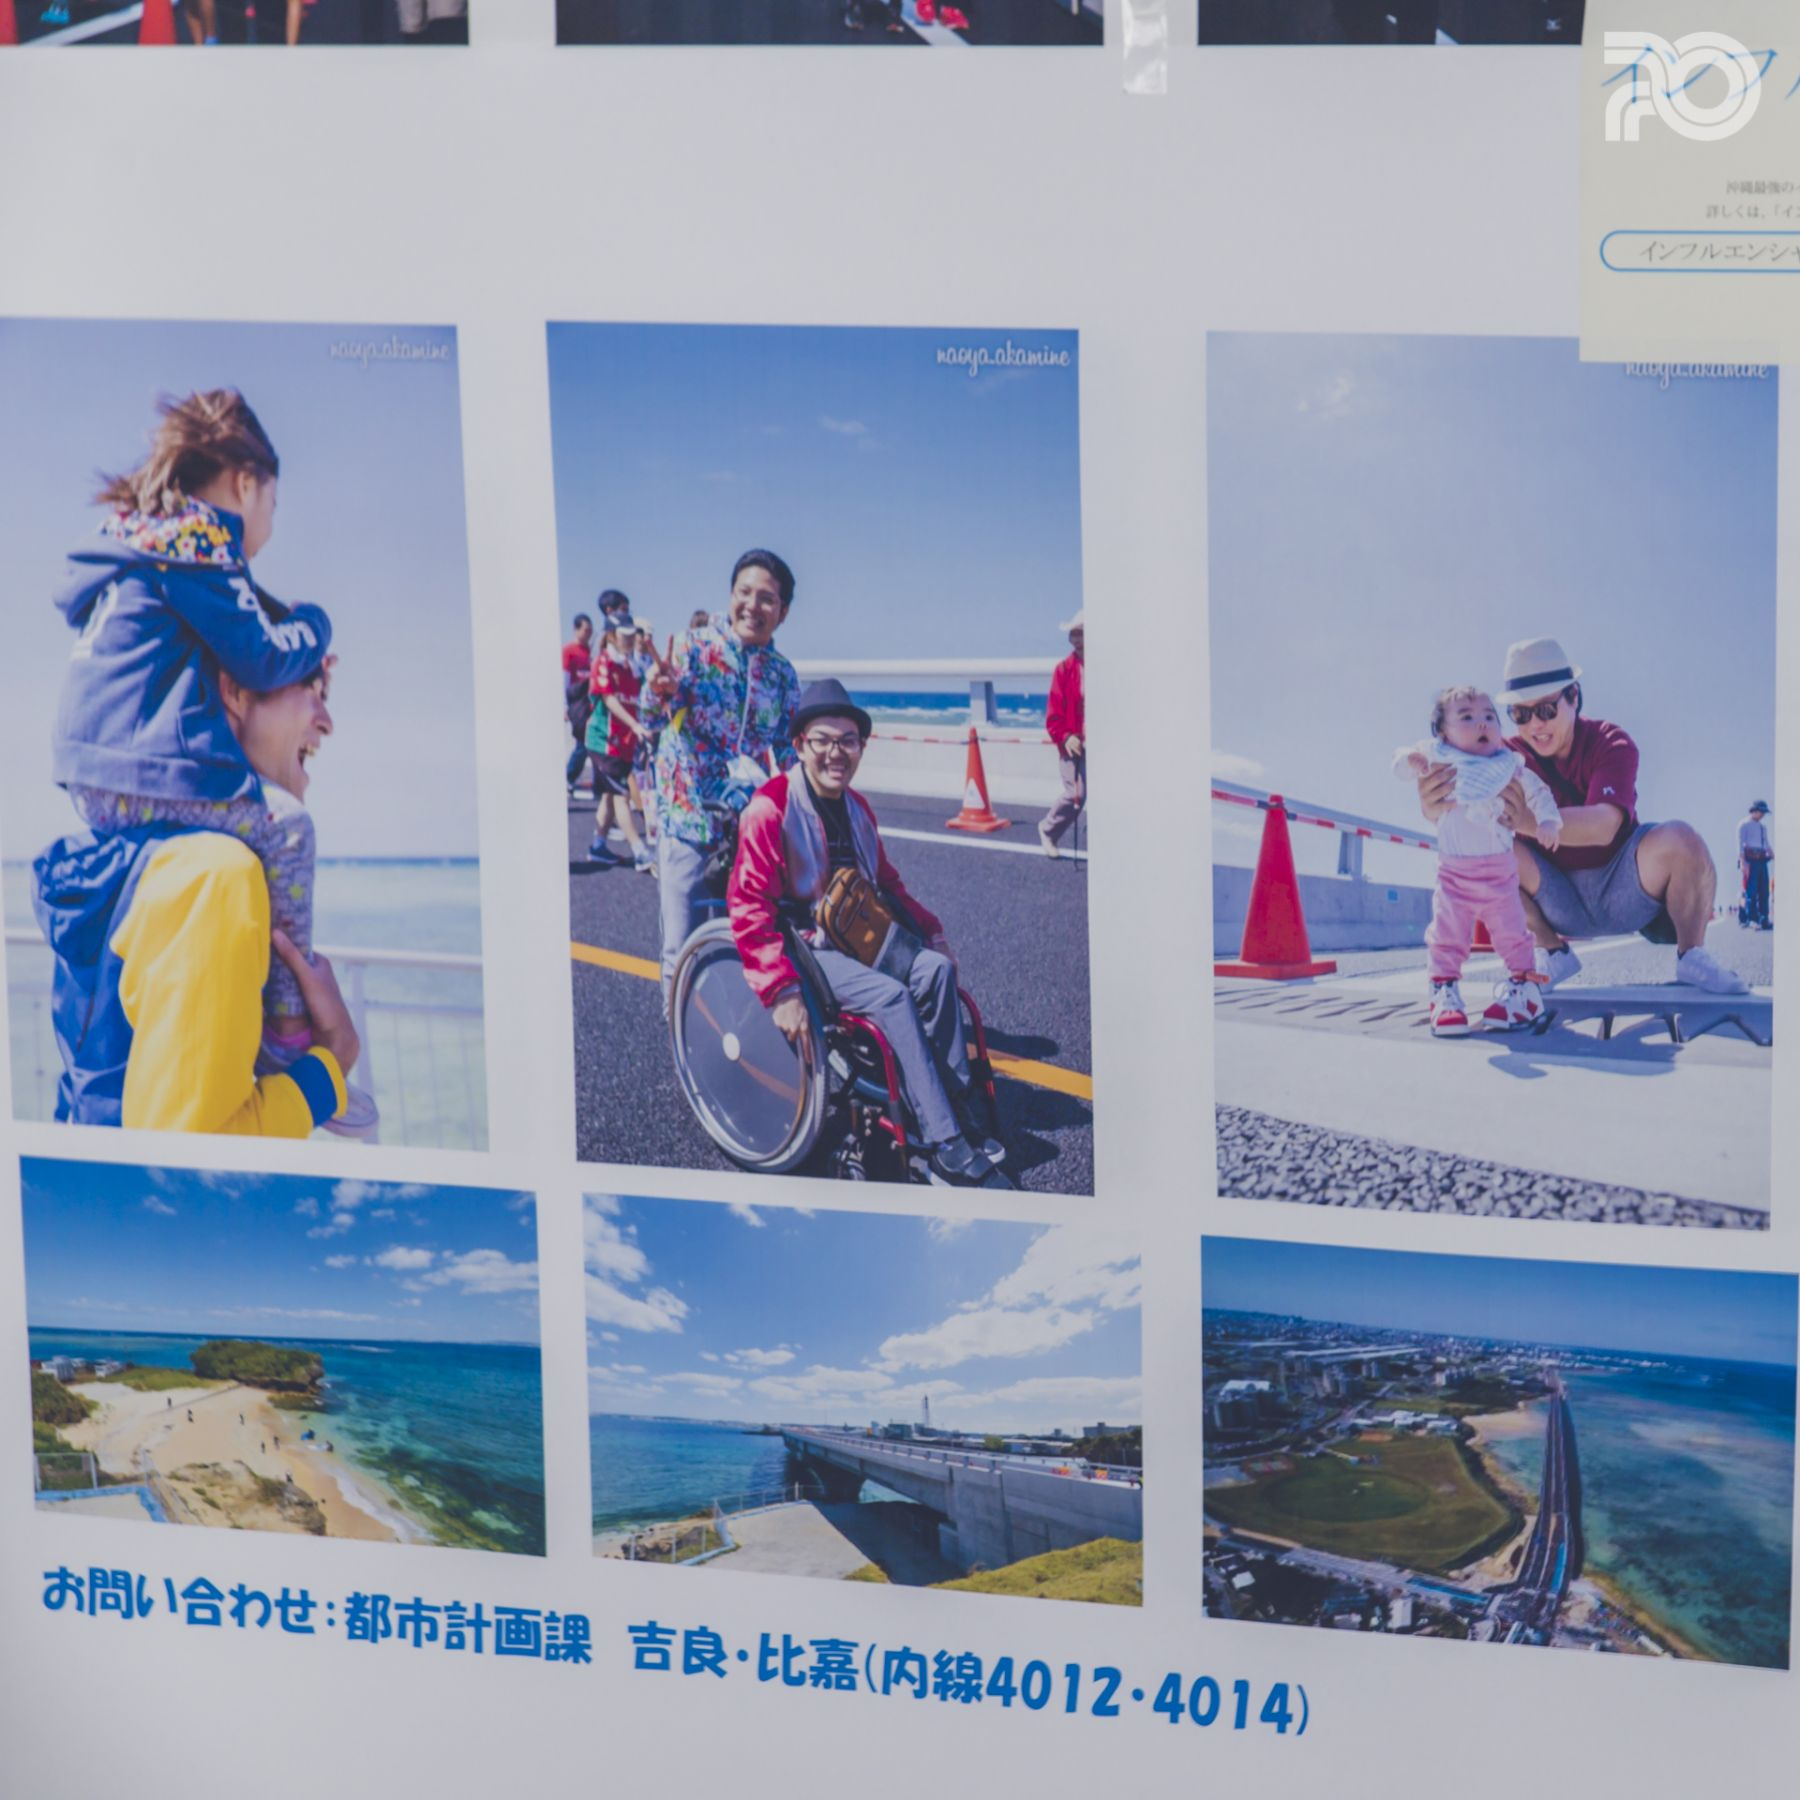 沖縄県浦添市主催「夢のかけはしリレーマラソン&ウォーク」西海岸関連道路開通イベントでスチル撮影担当